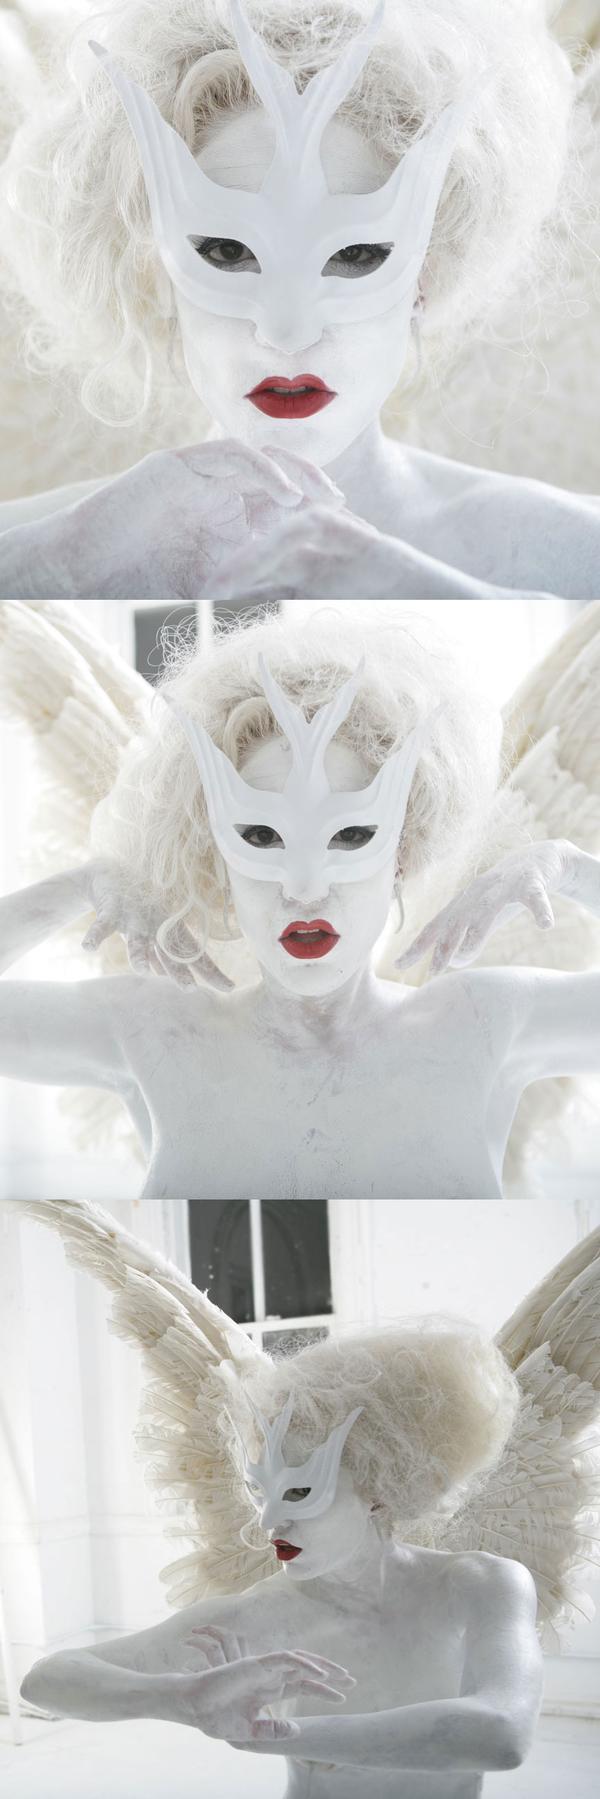 Aug 19, 2007 river clark..makeup deigh roxx no angels here!